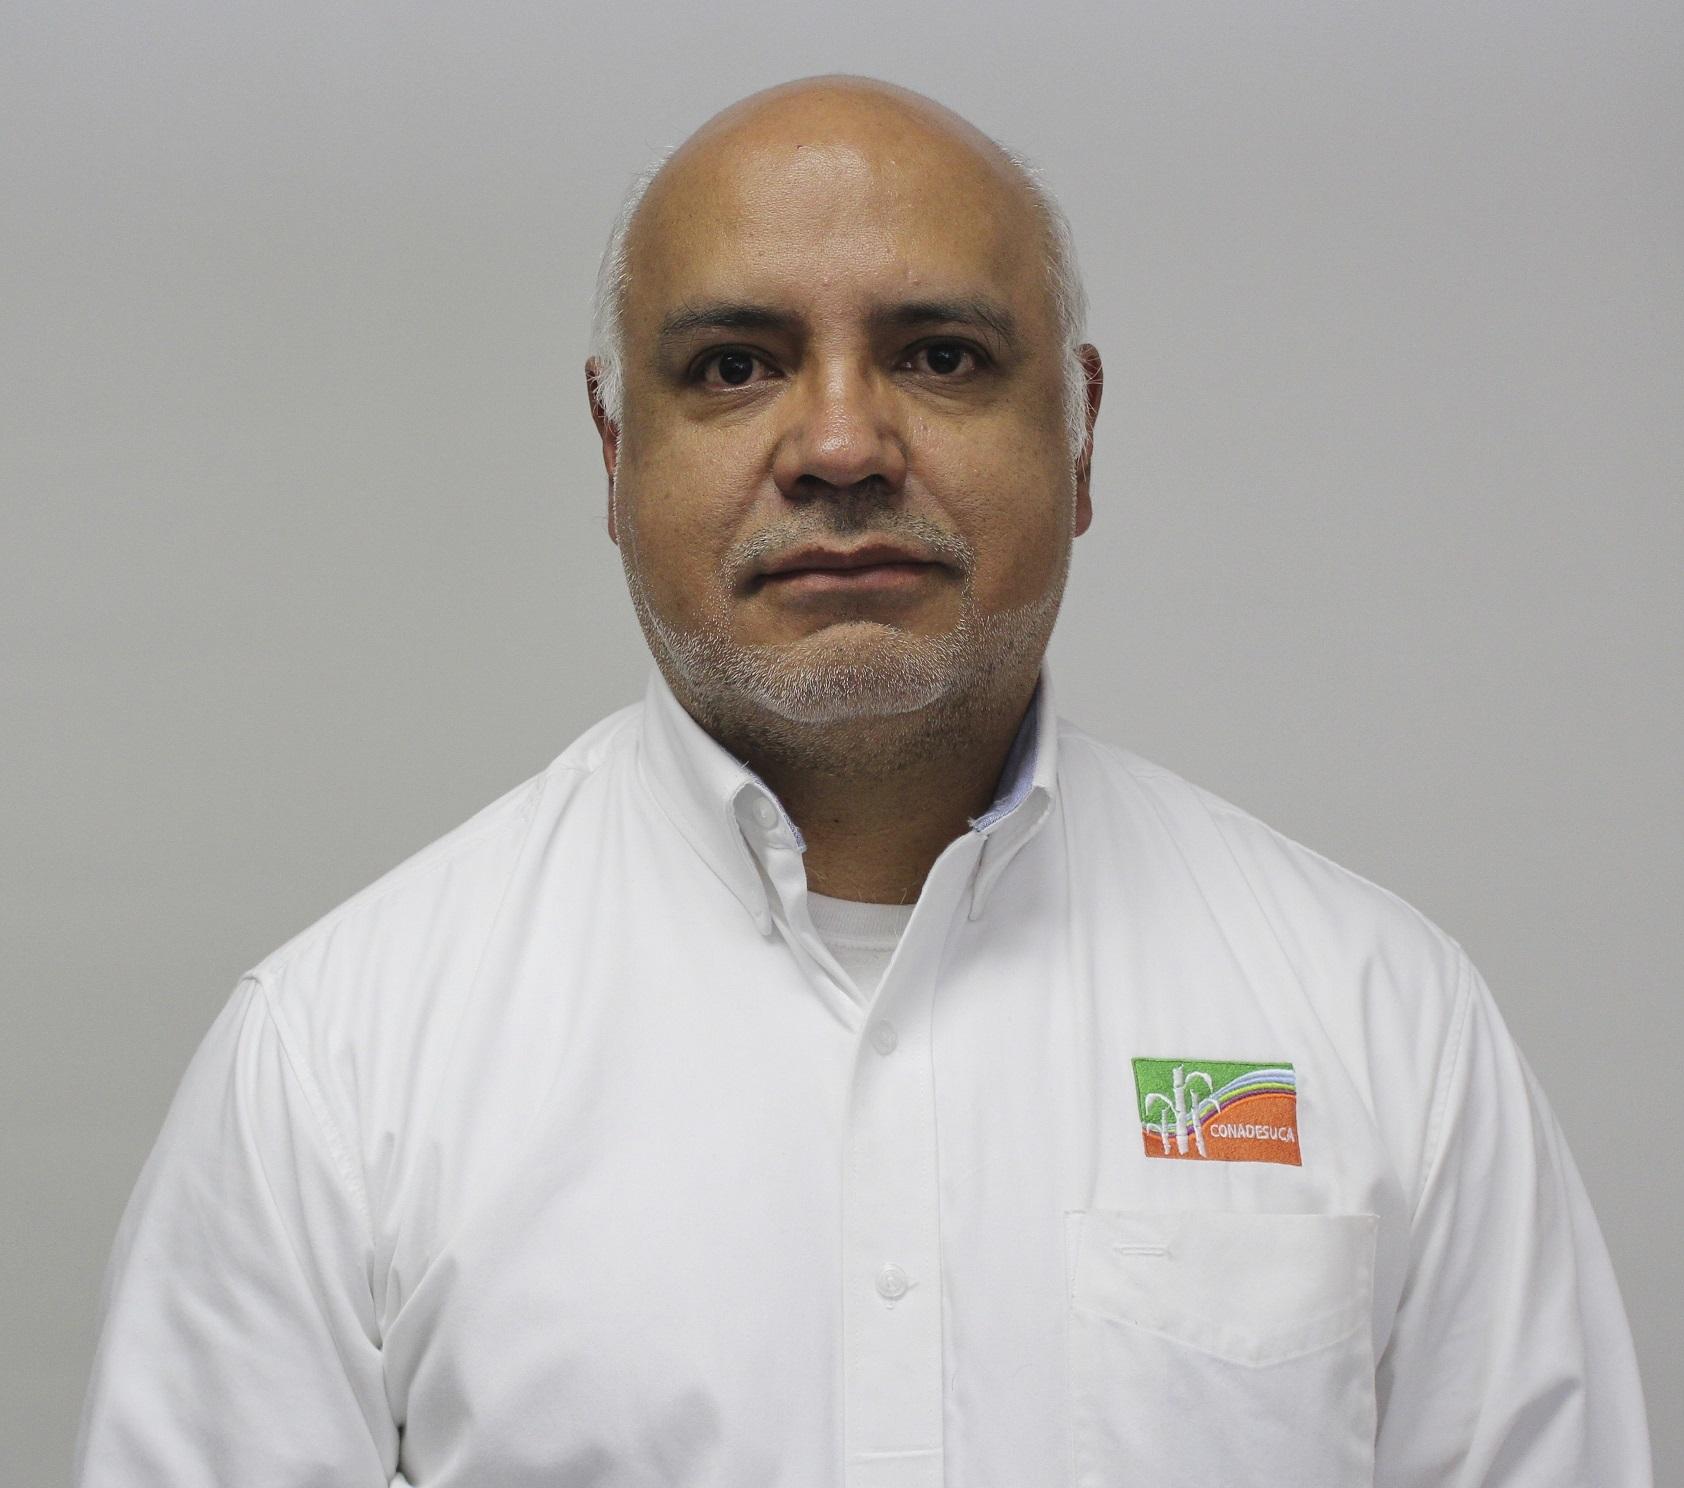 José Fernández Betanzos